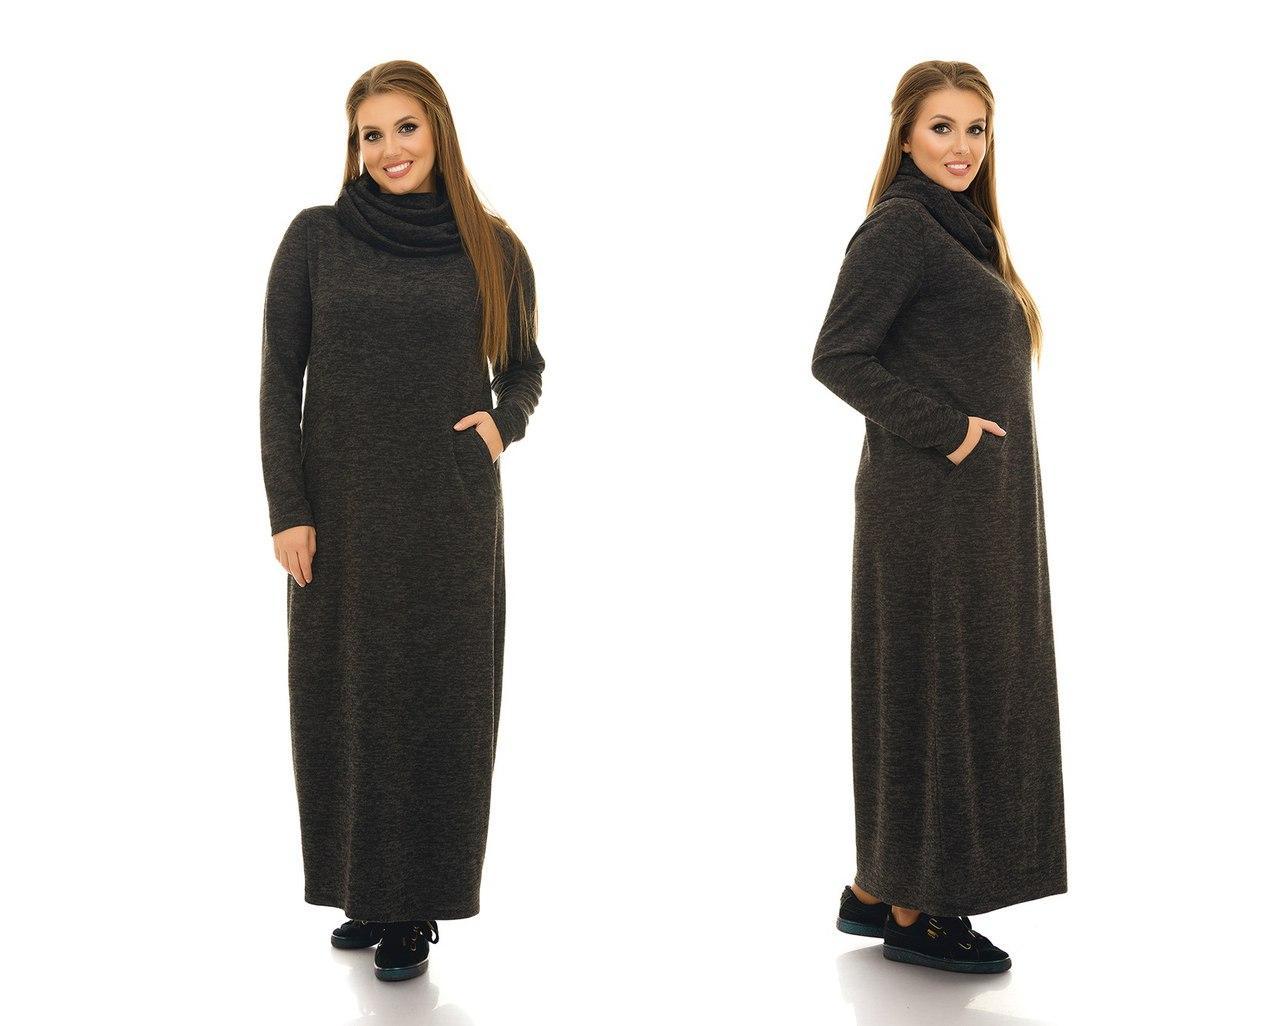 d85ef9f9618 Платье в пол с хомутом 31467 - Интернет-магазин